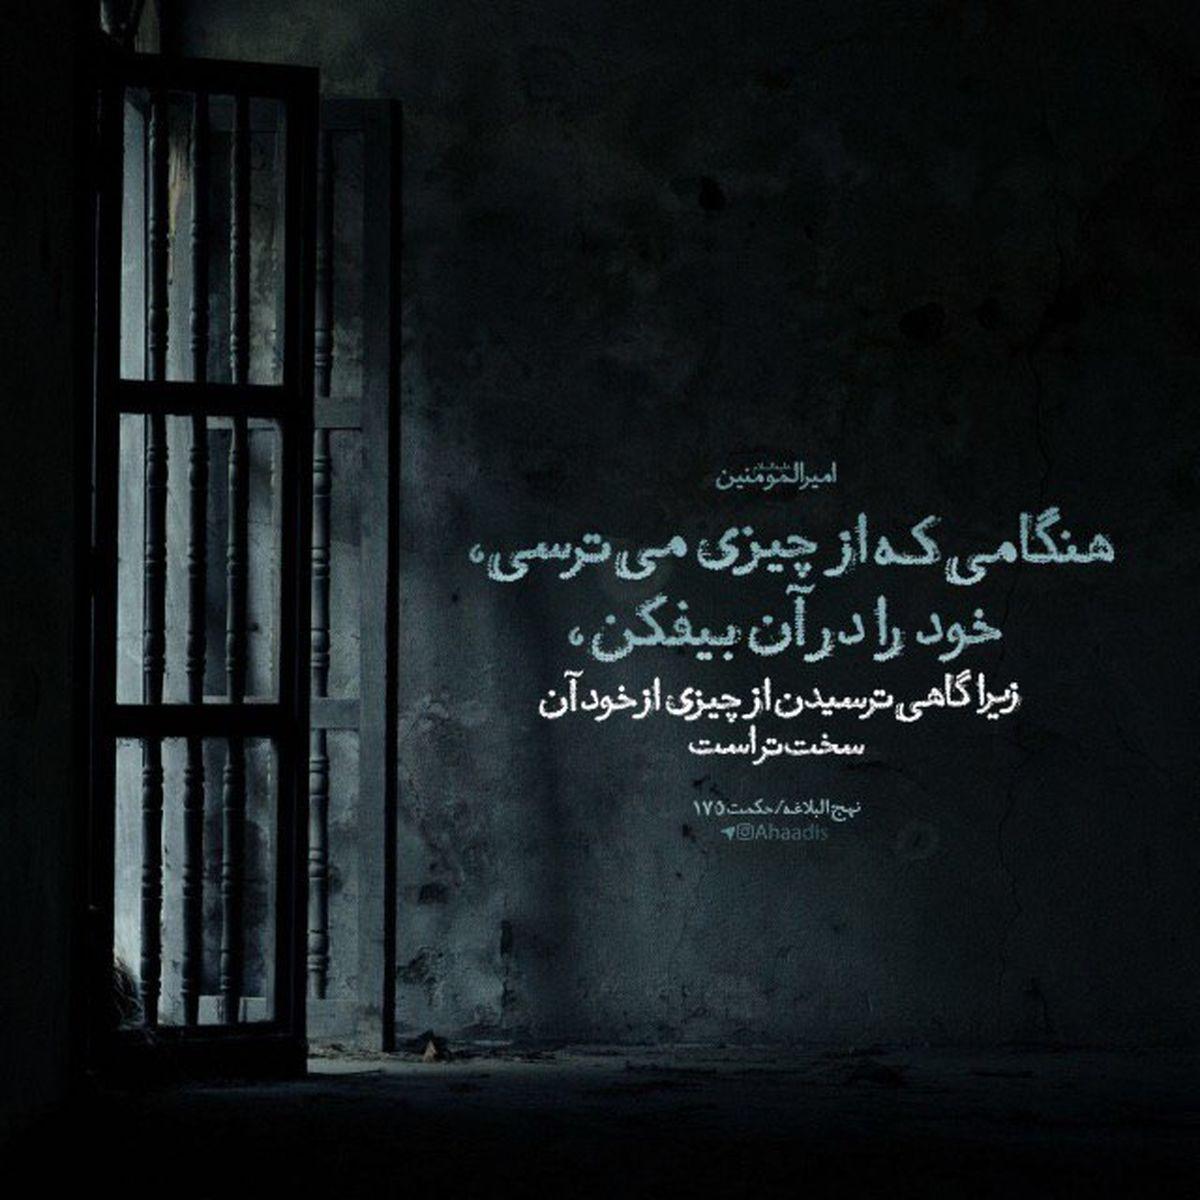 حدیث نورانی و زیبا حضرت علی (ع) در مورد ترس